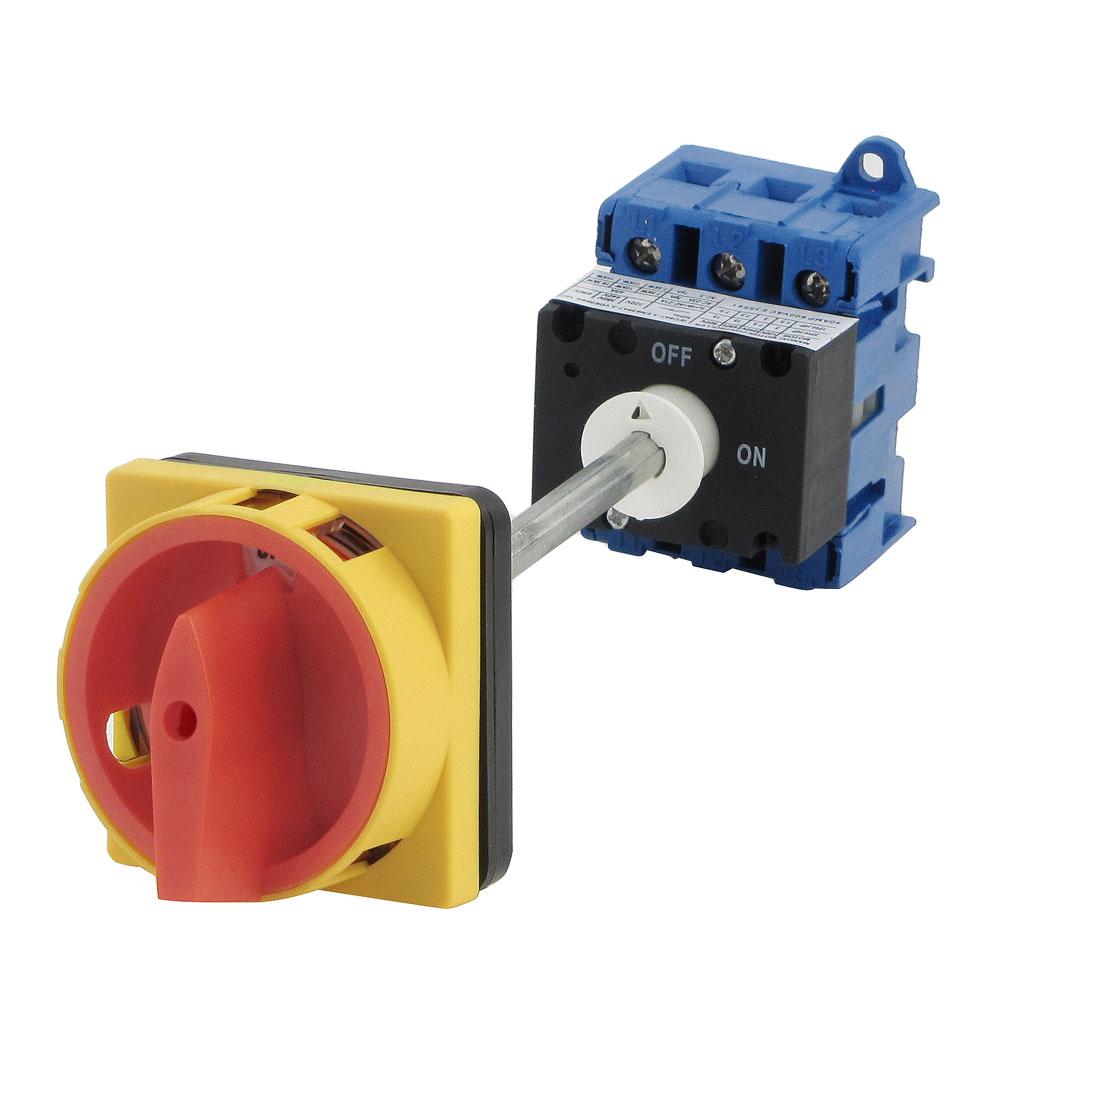 AC690V AC220V AC440V 380V 40A ON/OFF 6 Screw Terminals Rotary Changeover Switch